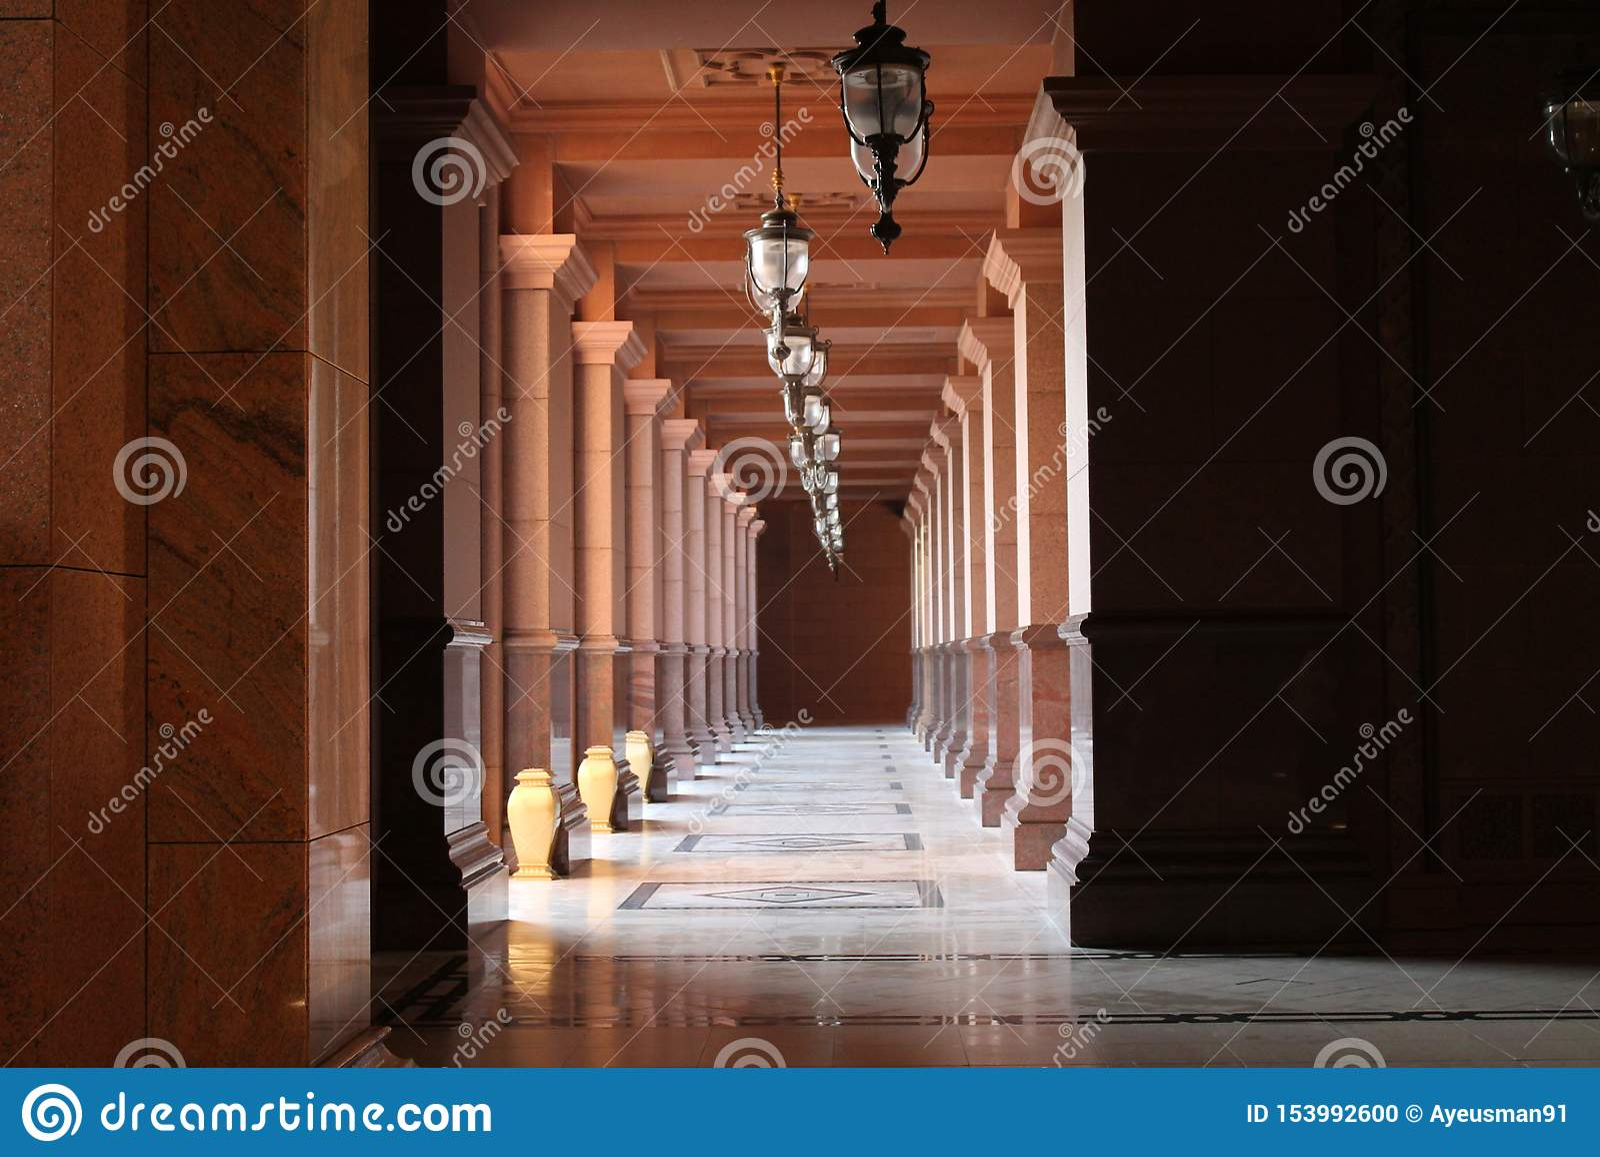 Symmetrische Spalten, die Schönheit der islamischen Architektur